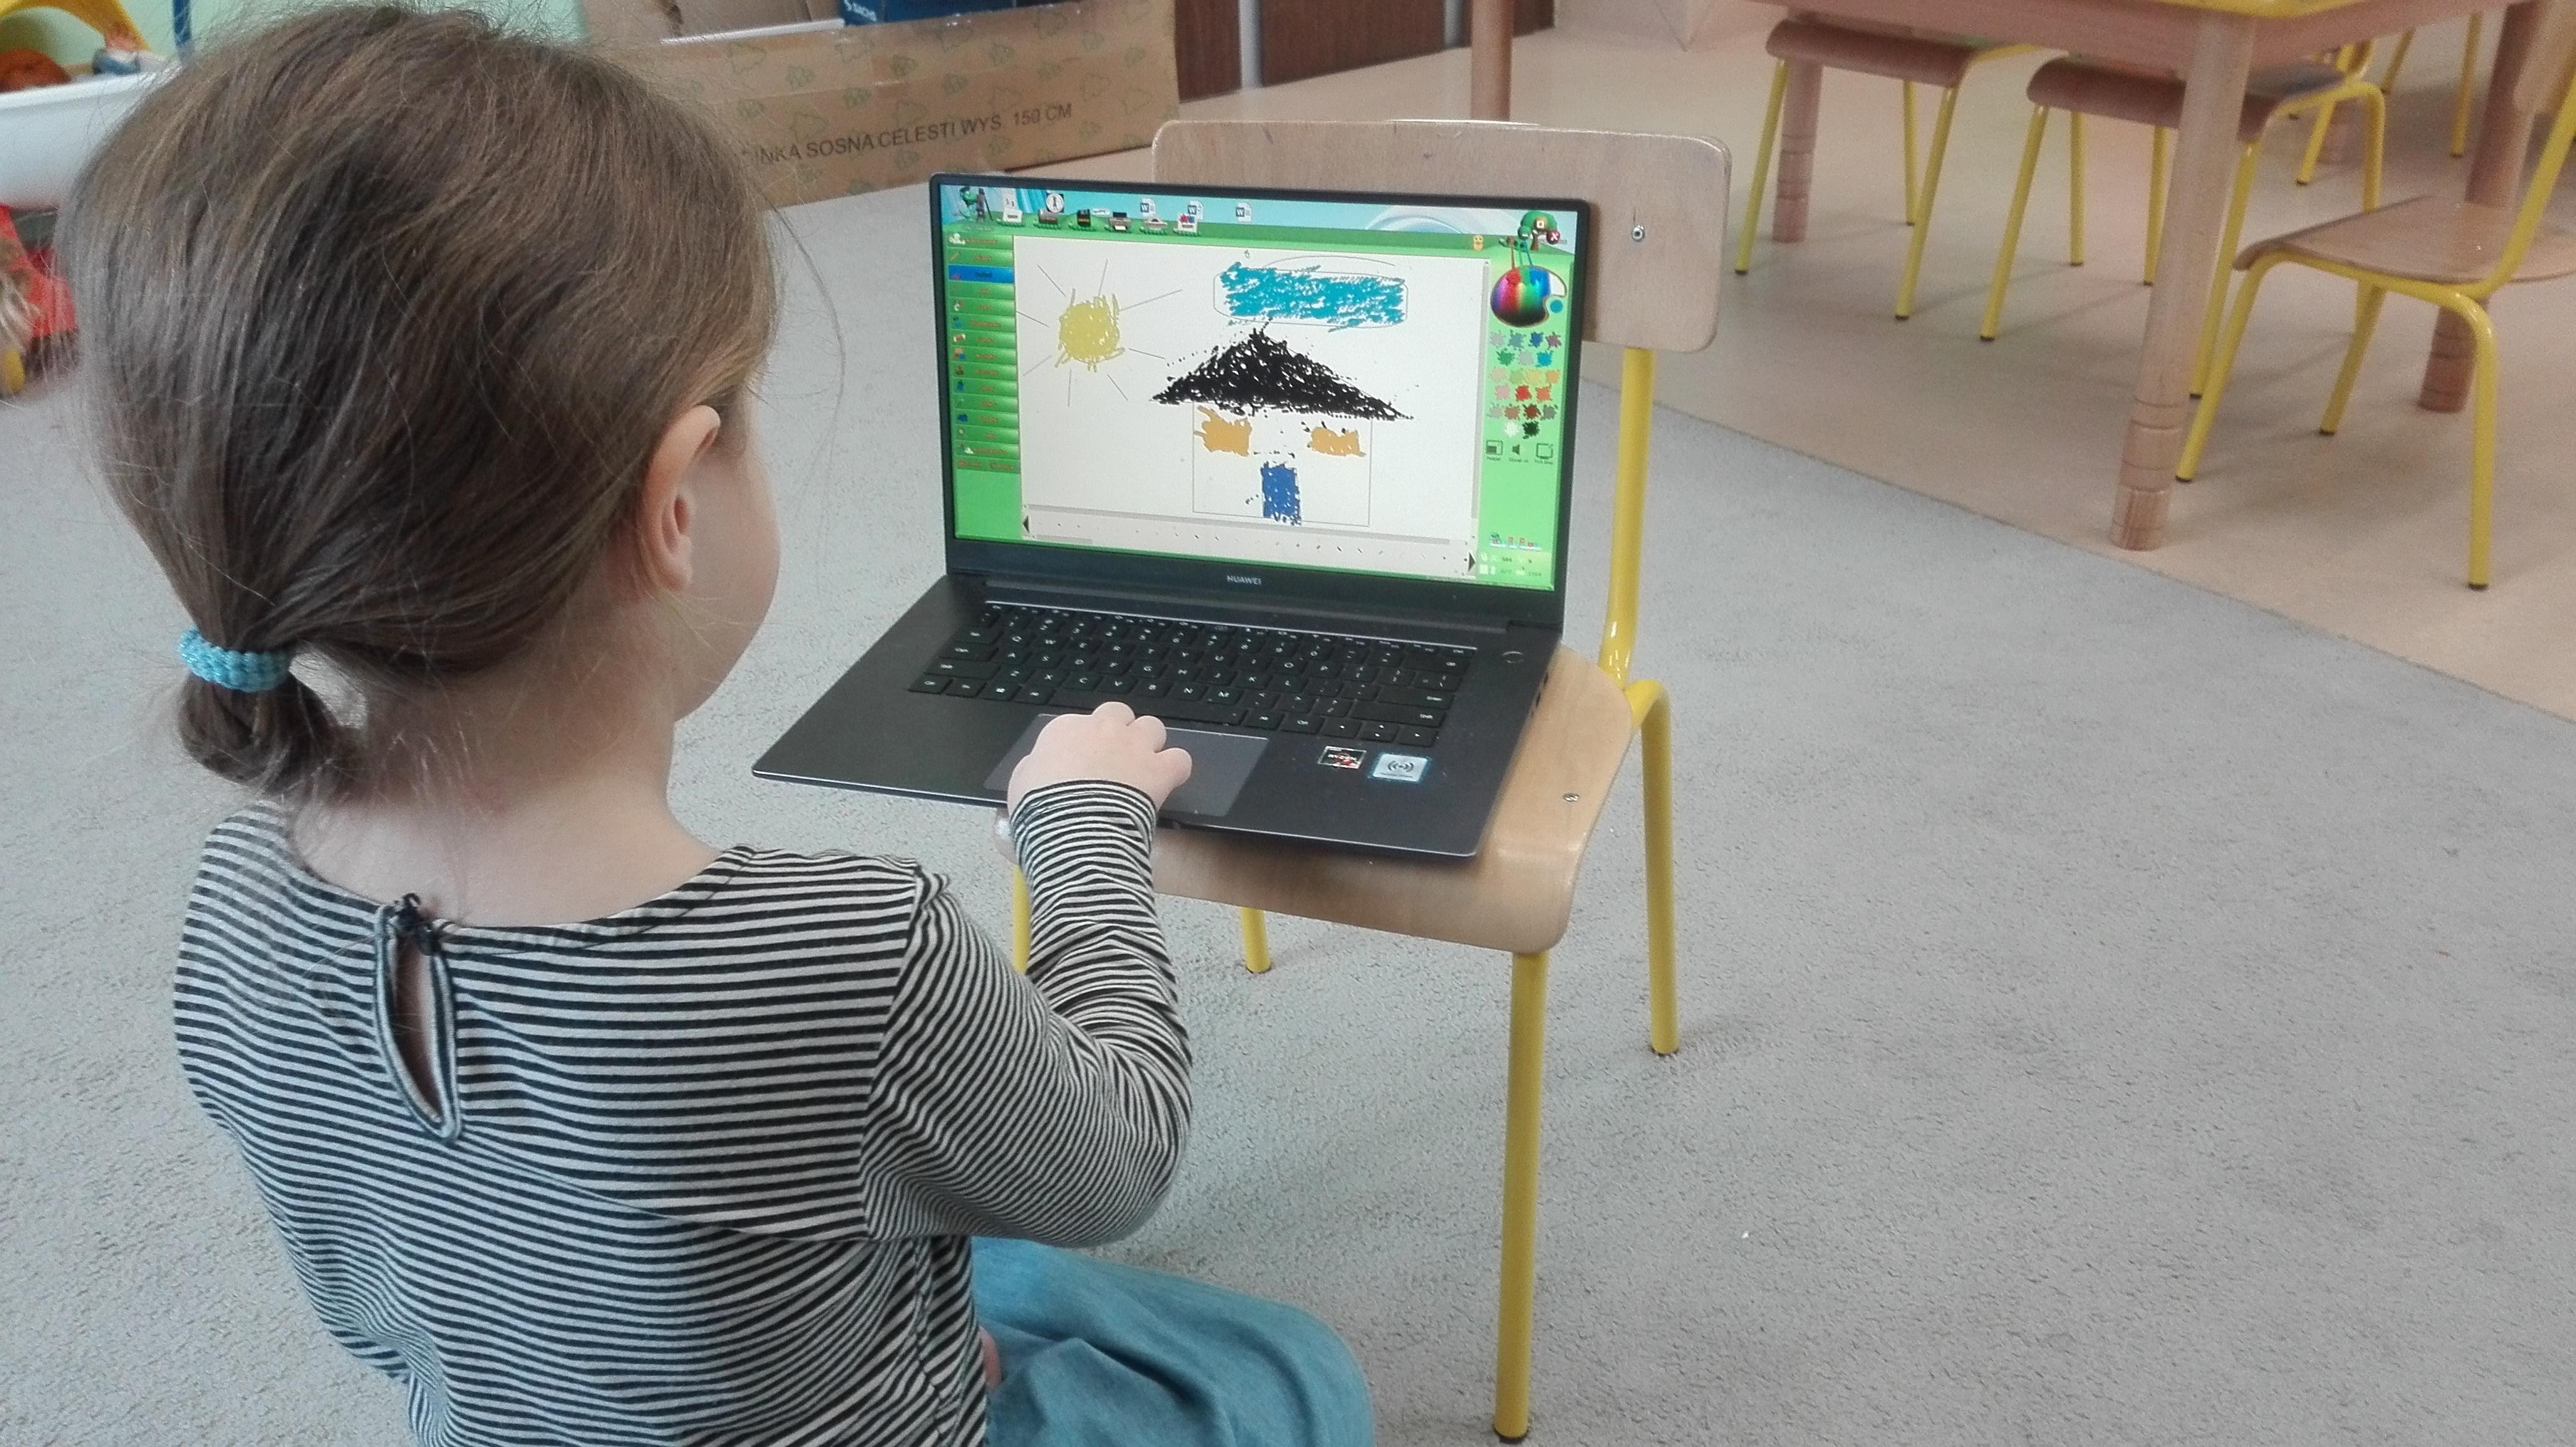 Rysowanie, malowanie na ekranie-Tygryski